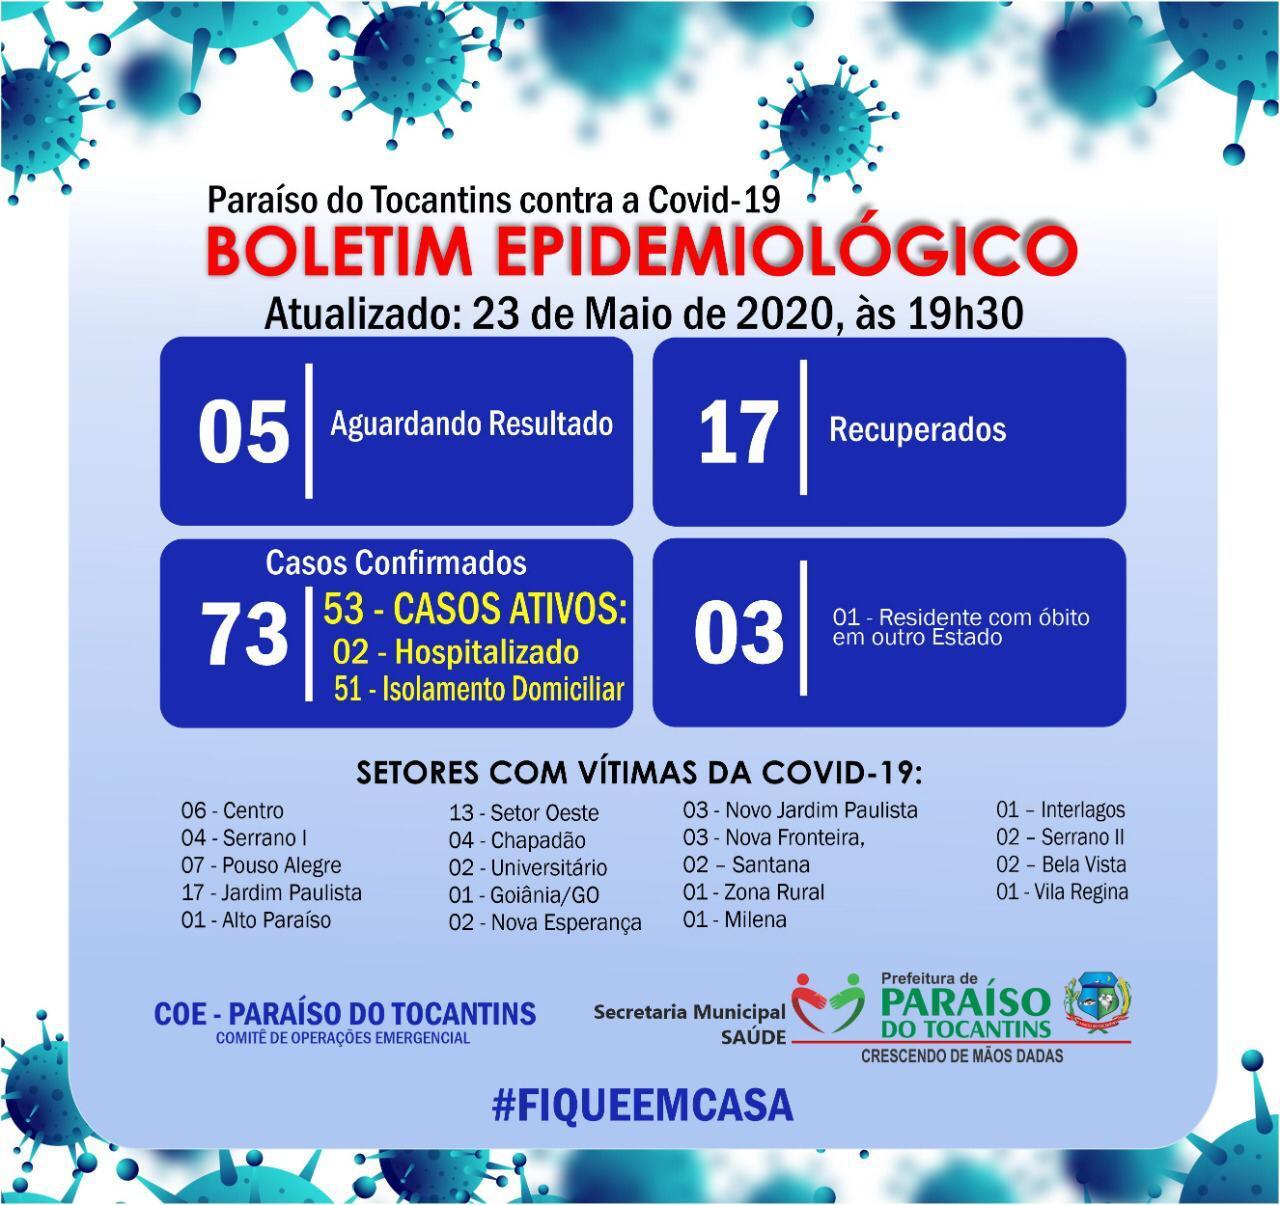 Paraíso do Tocantins tem 17 recuperados e 3 novos casos de Covid-19